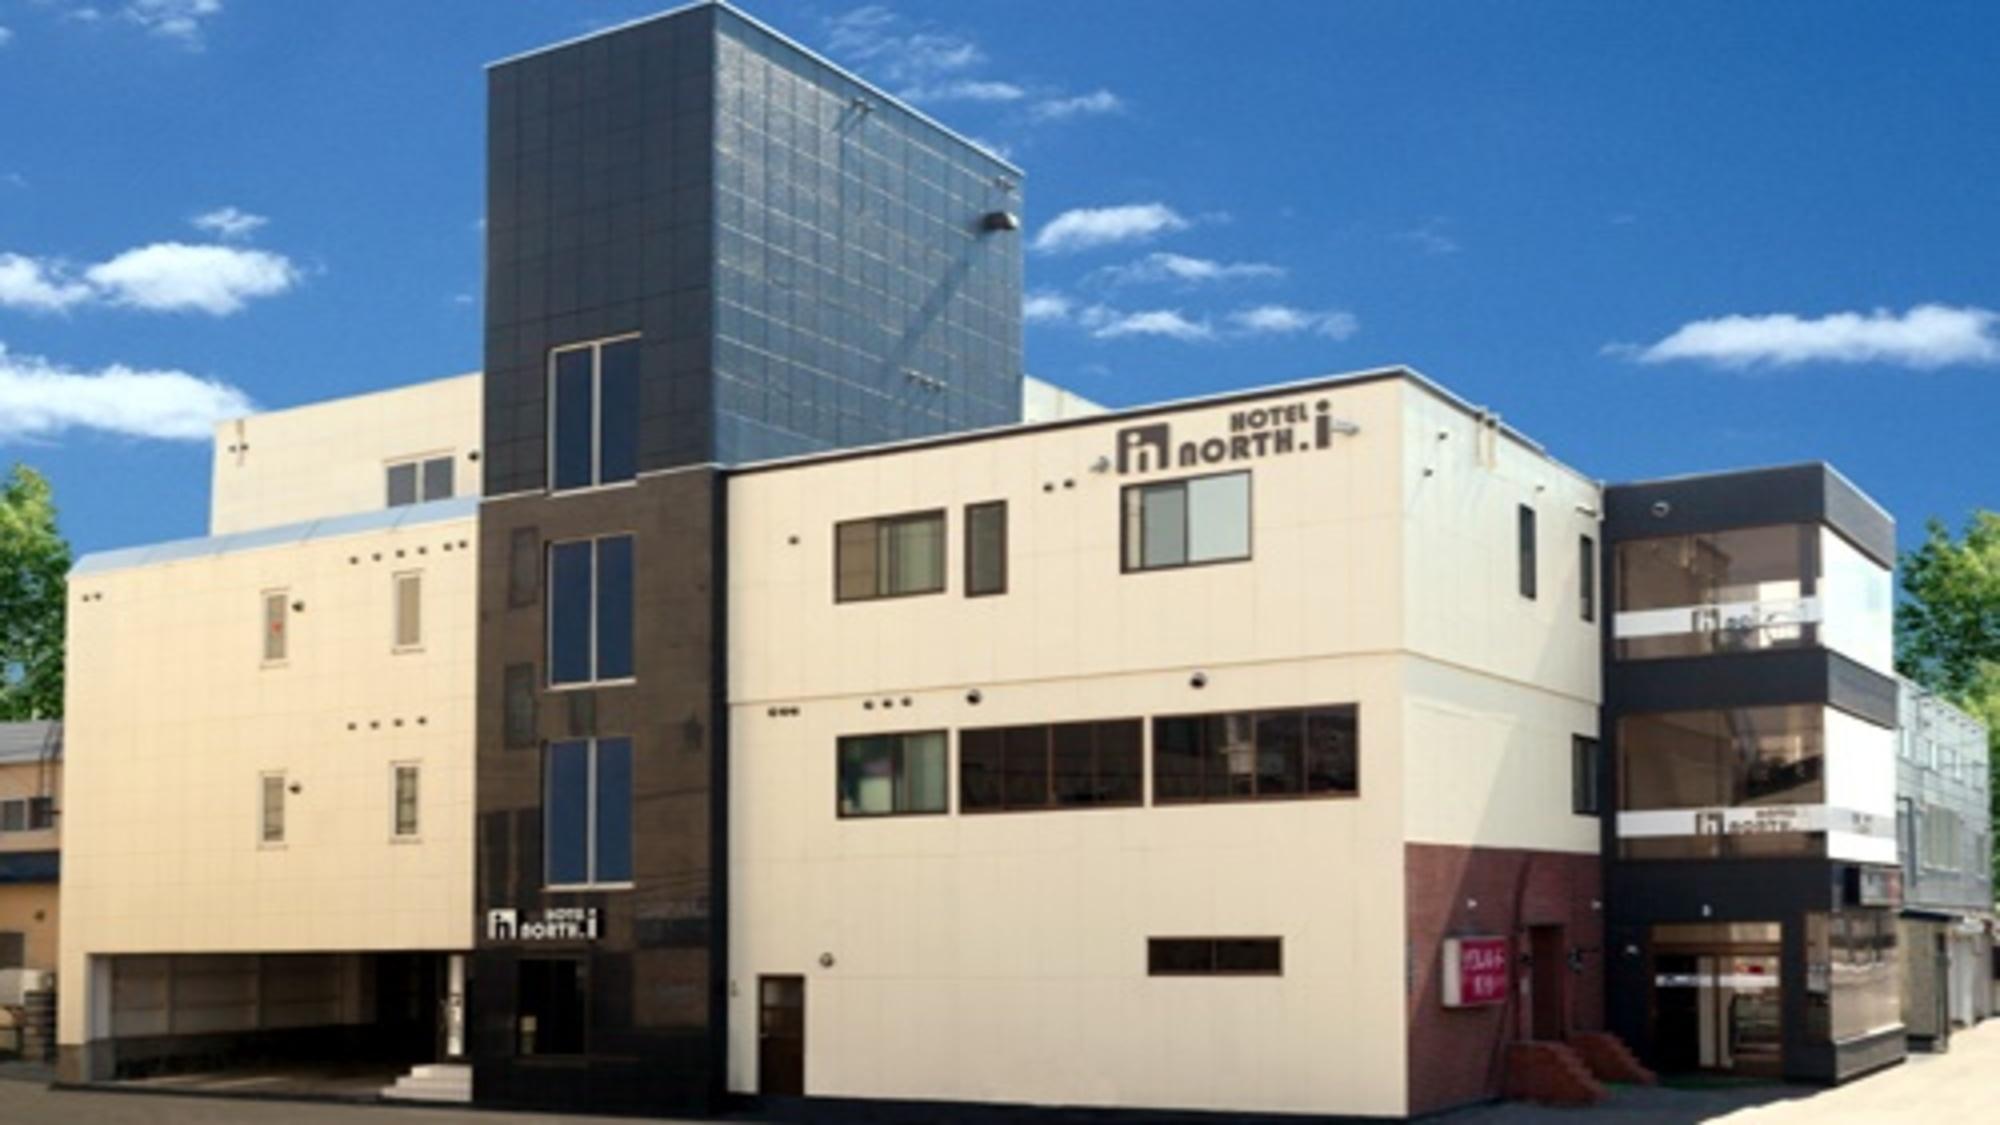 HOTEL NORTH.i(ホテル ノース アイ)...